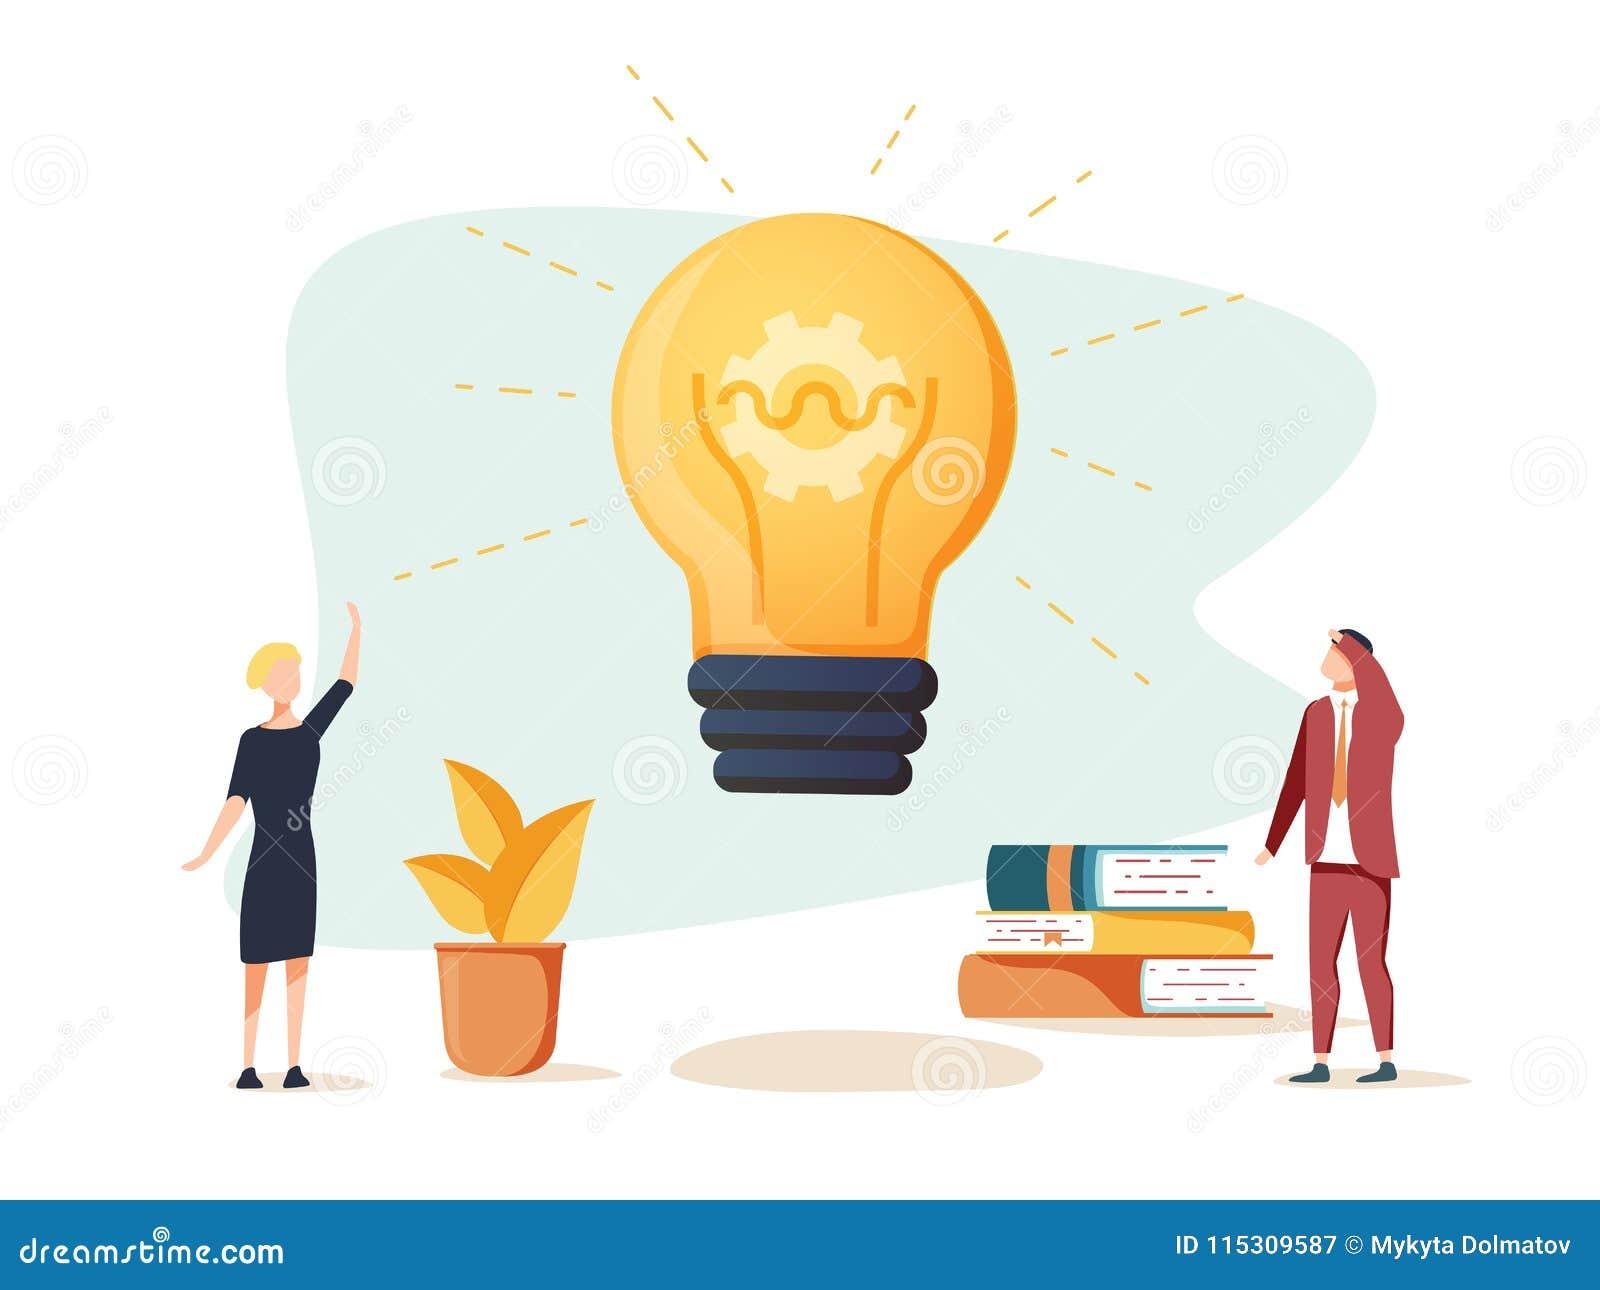 Vector плоские иллюстрация, деловая встреча и метод мозгового штурма, концепция дела для сыгранности, ища